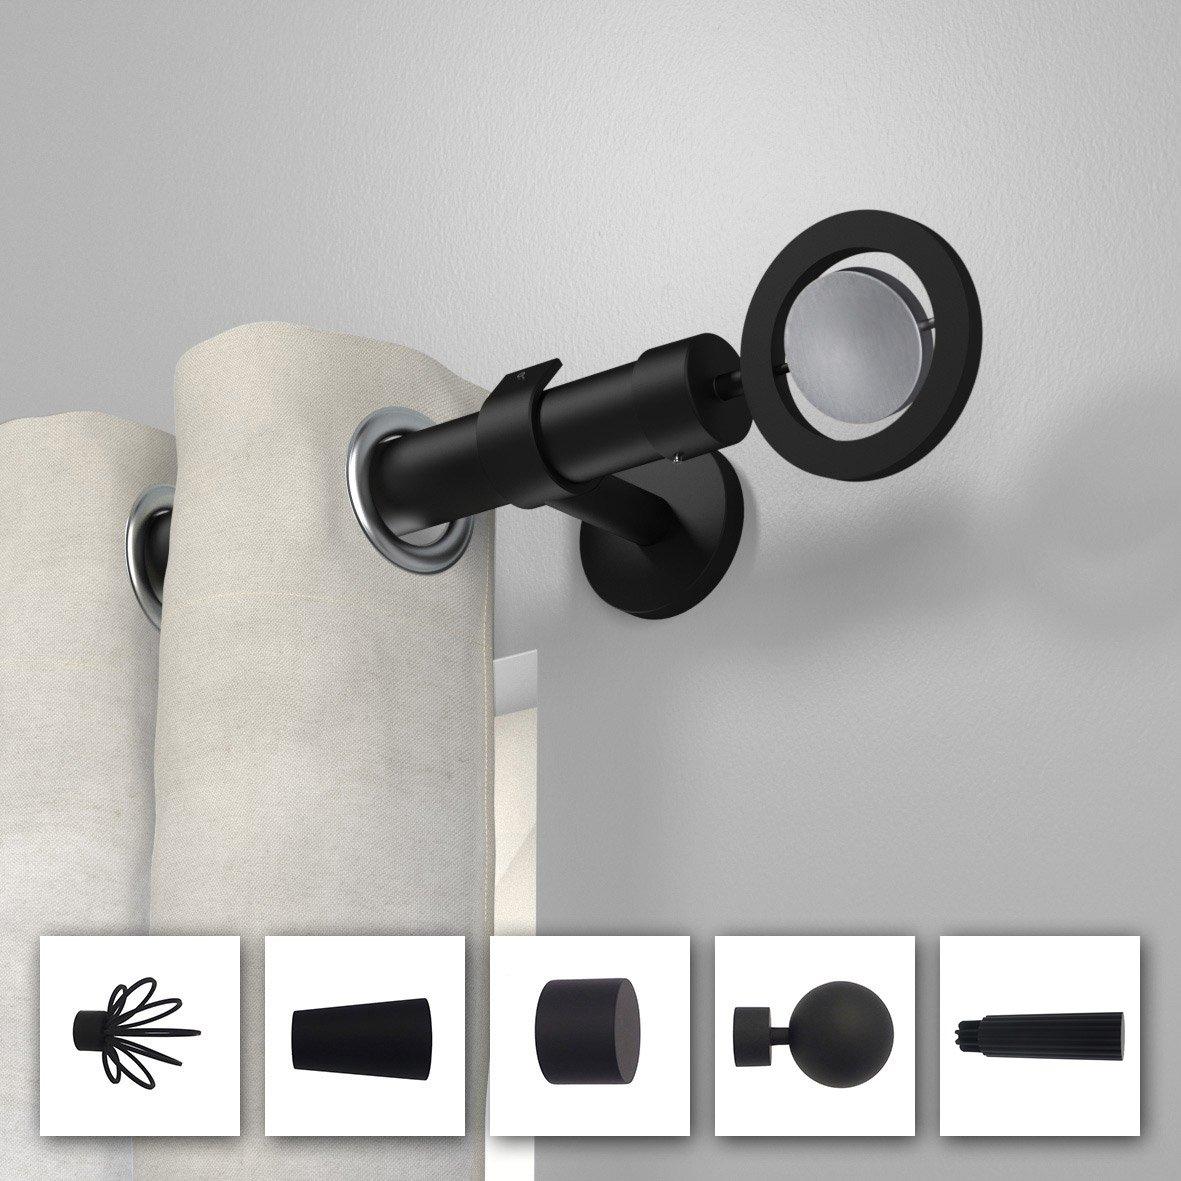 Tringle rideau composer inspire design d28 noir mat - Tringle a rideau noir ...